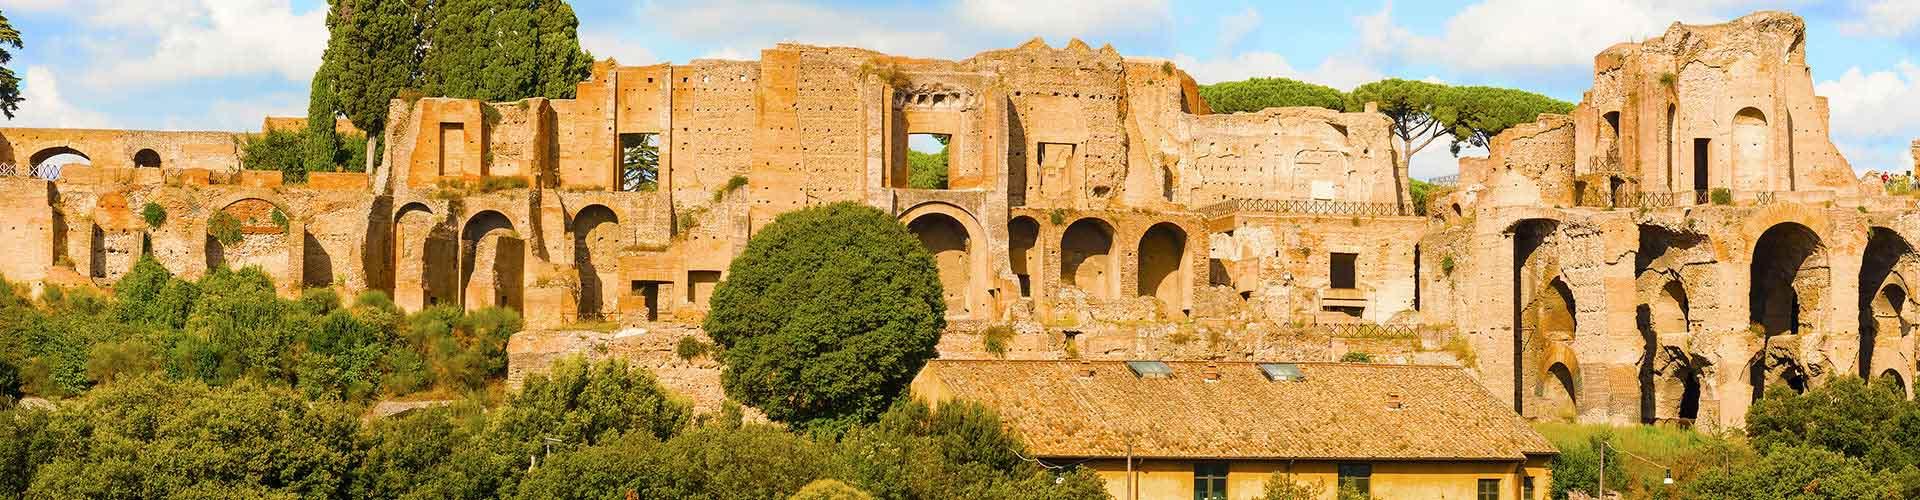 Roma - Albergues Juveniles cerca a Monte Palatino. Mapas de Roma, Fotos y Comentarios para cada Albergue Juvenil en Roma.